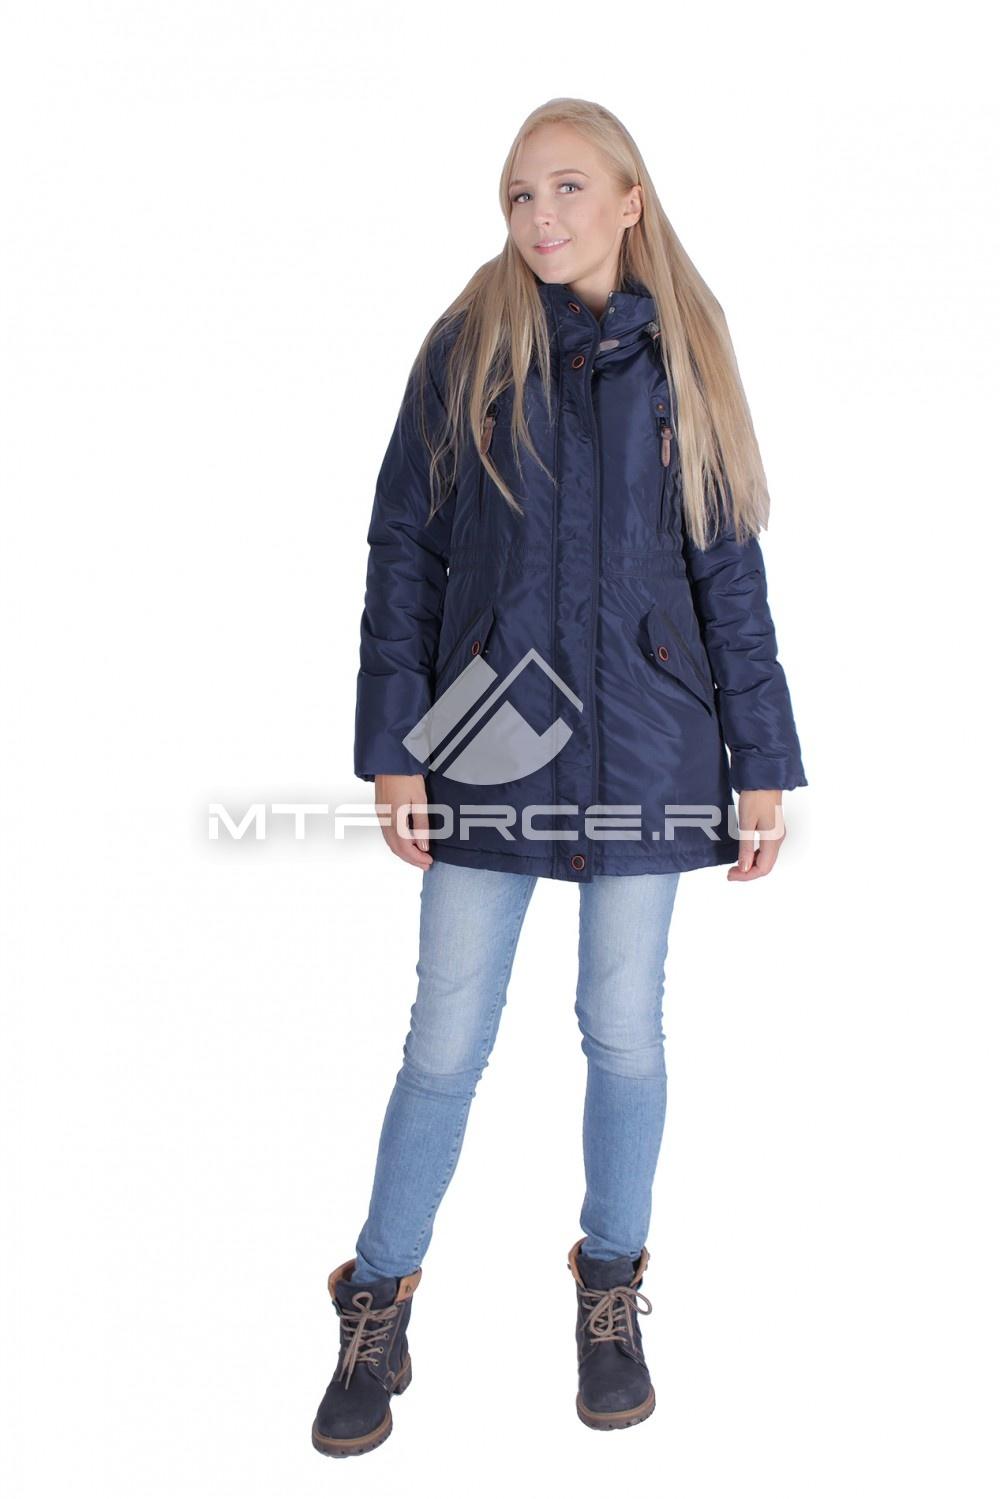 Купить                                  оптом Итальянская куртка женская темно-синего цвета 1689TS в Новосибирске